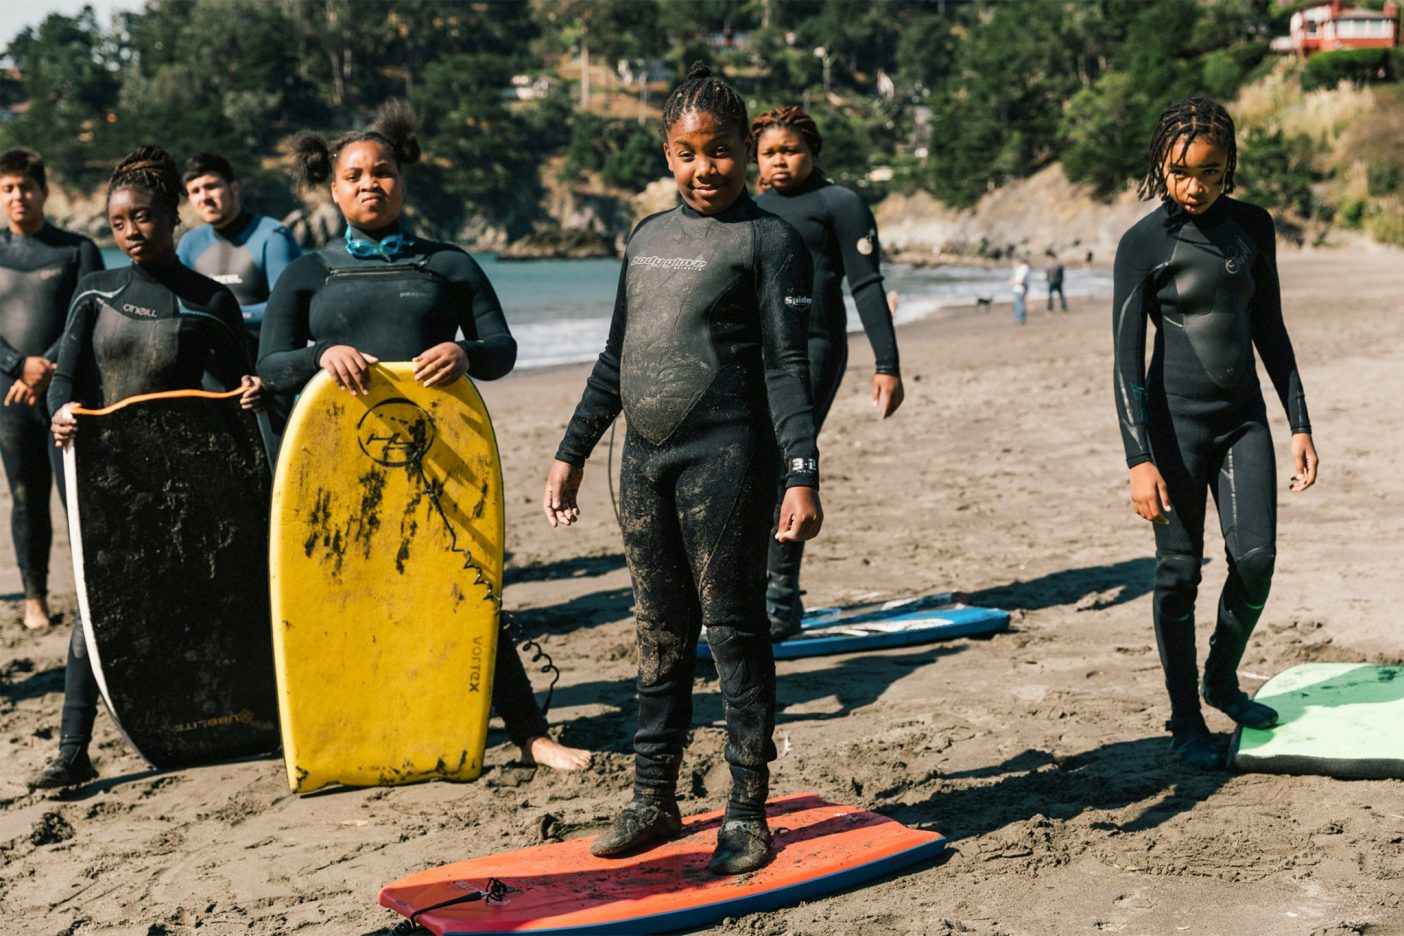 まず砂の上に1分間立つ、次に太平洋に漕ぎだす。カリフォルニア州マリン郡 Photo:Jeff Johnson